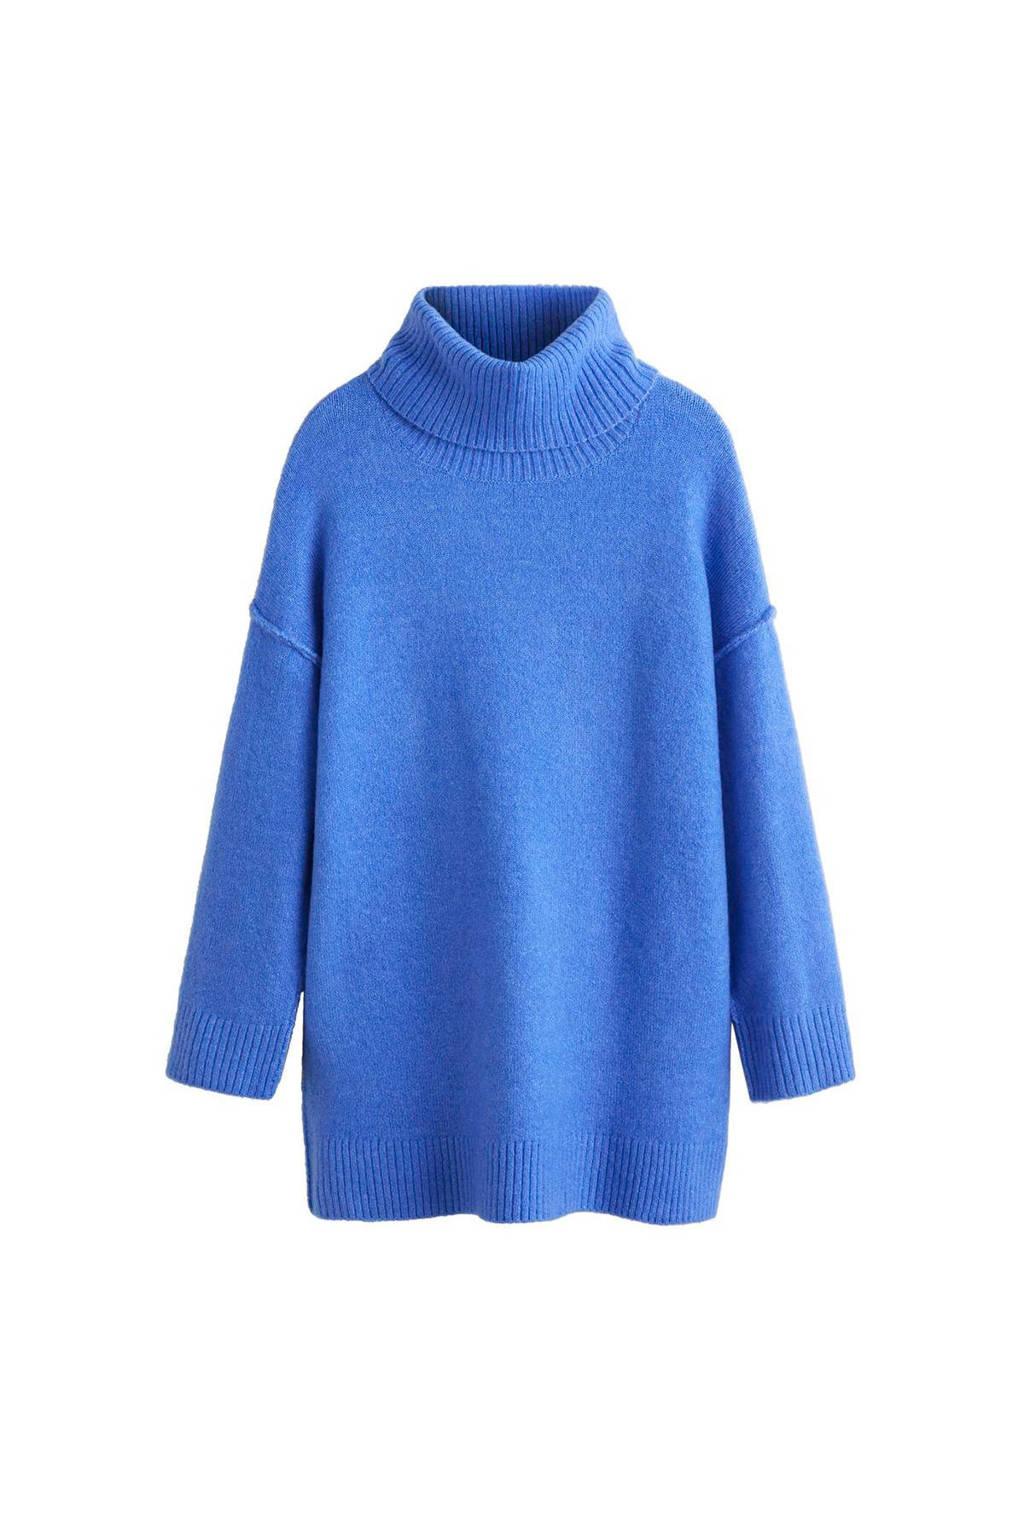 Mango gebreide trui met lage schoudernaden blauw, Blauw